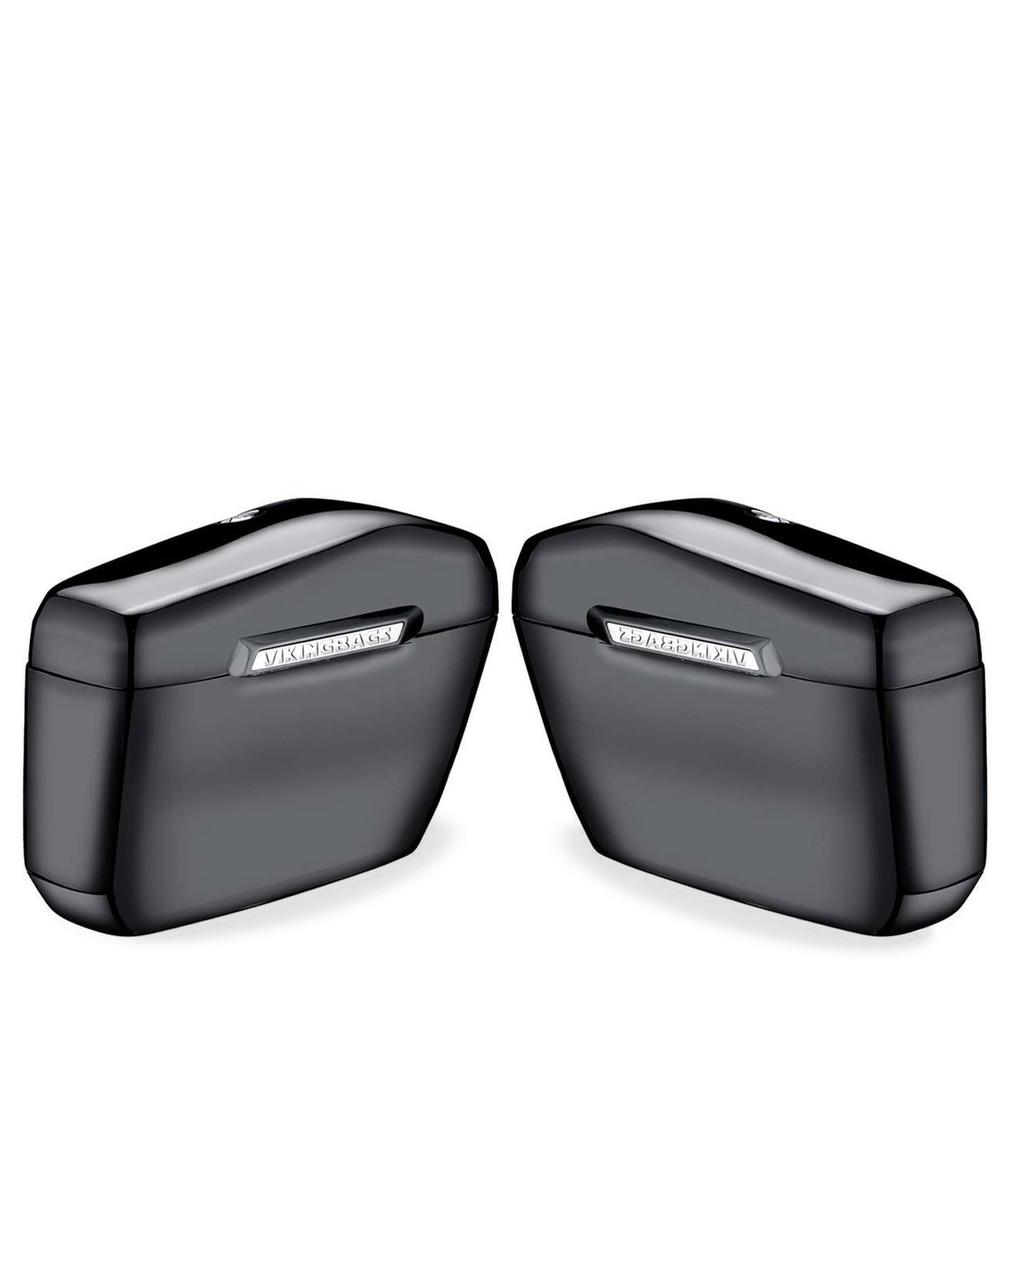 Suzuki Boulevard C90, VL1500 Viking Lamellar Large Black Hard Saddlebags Both Bags View